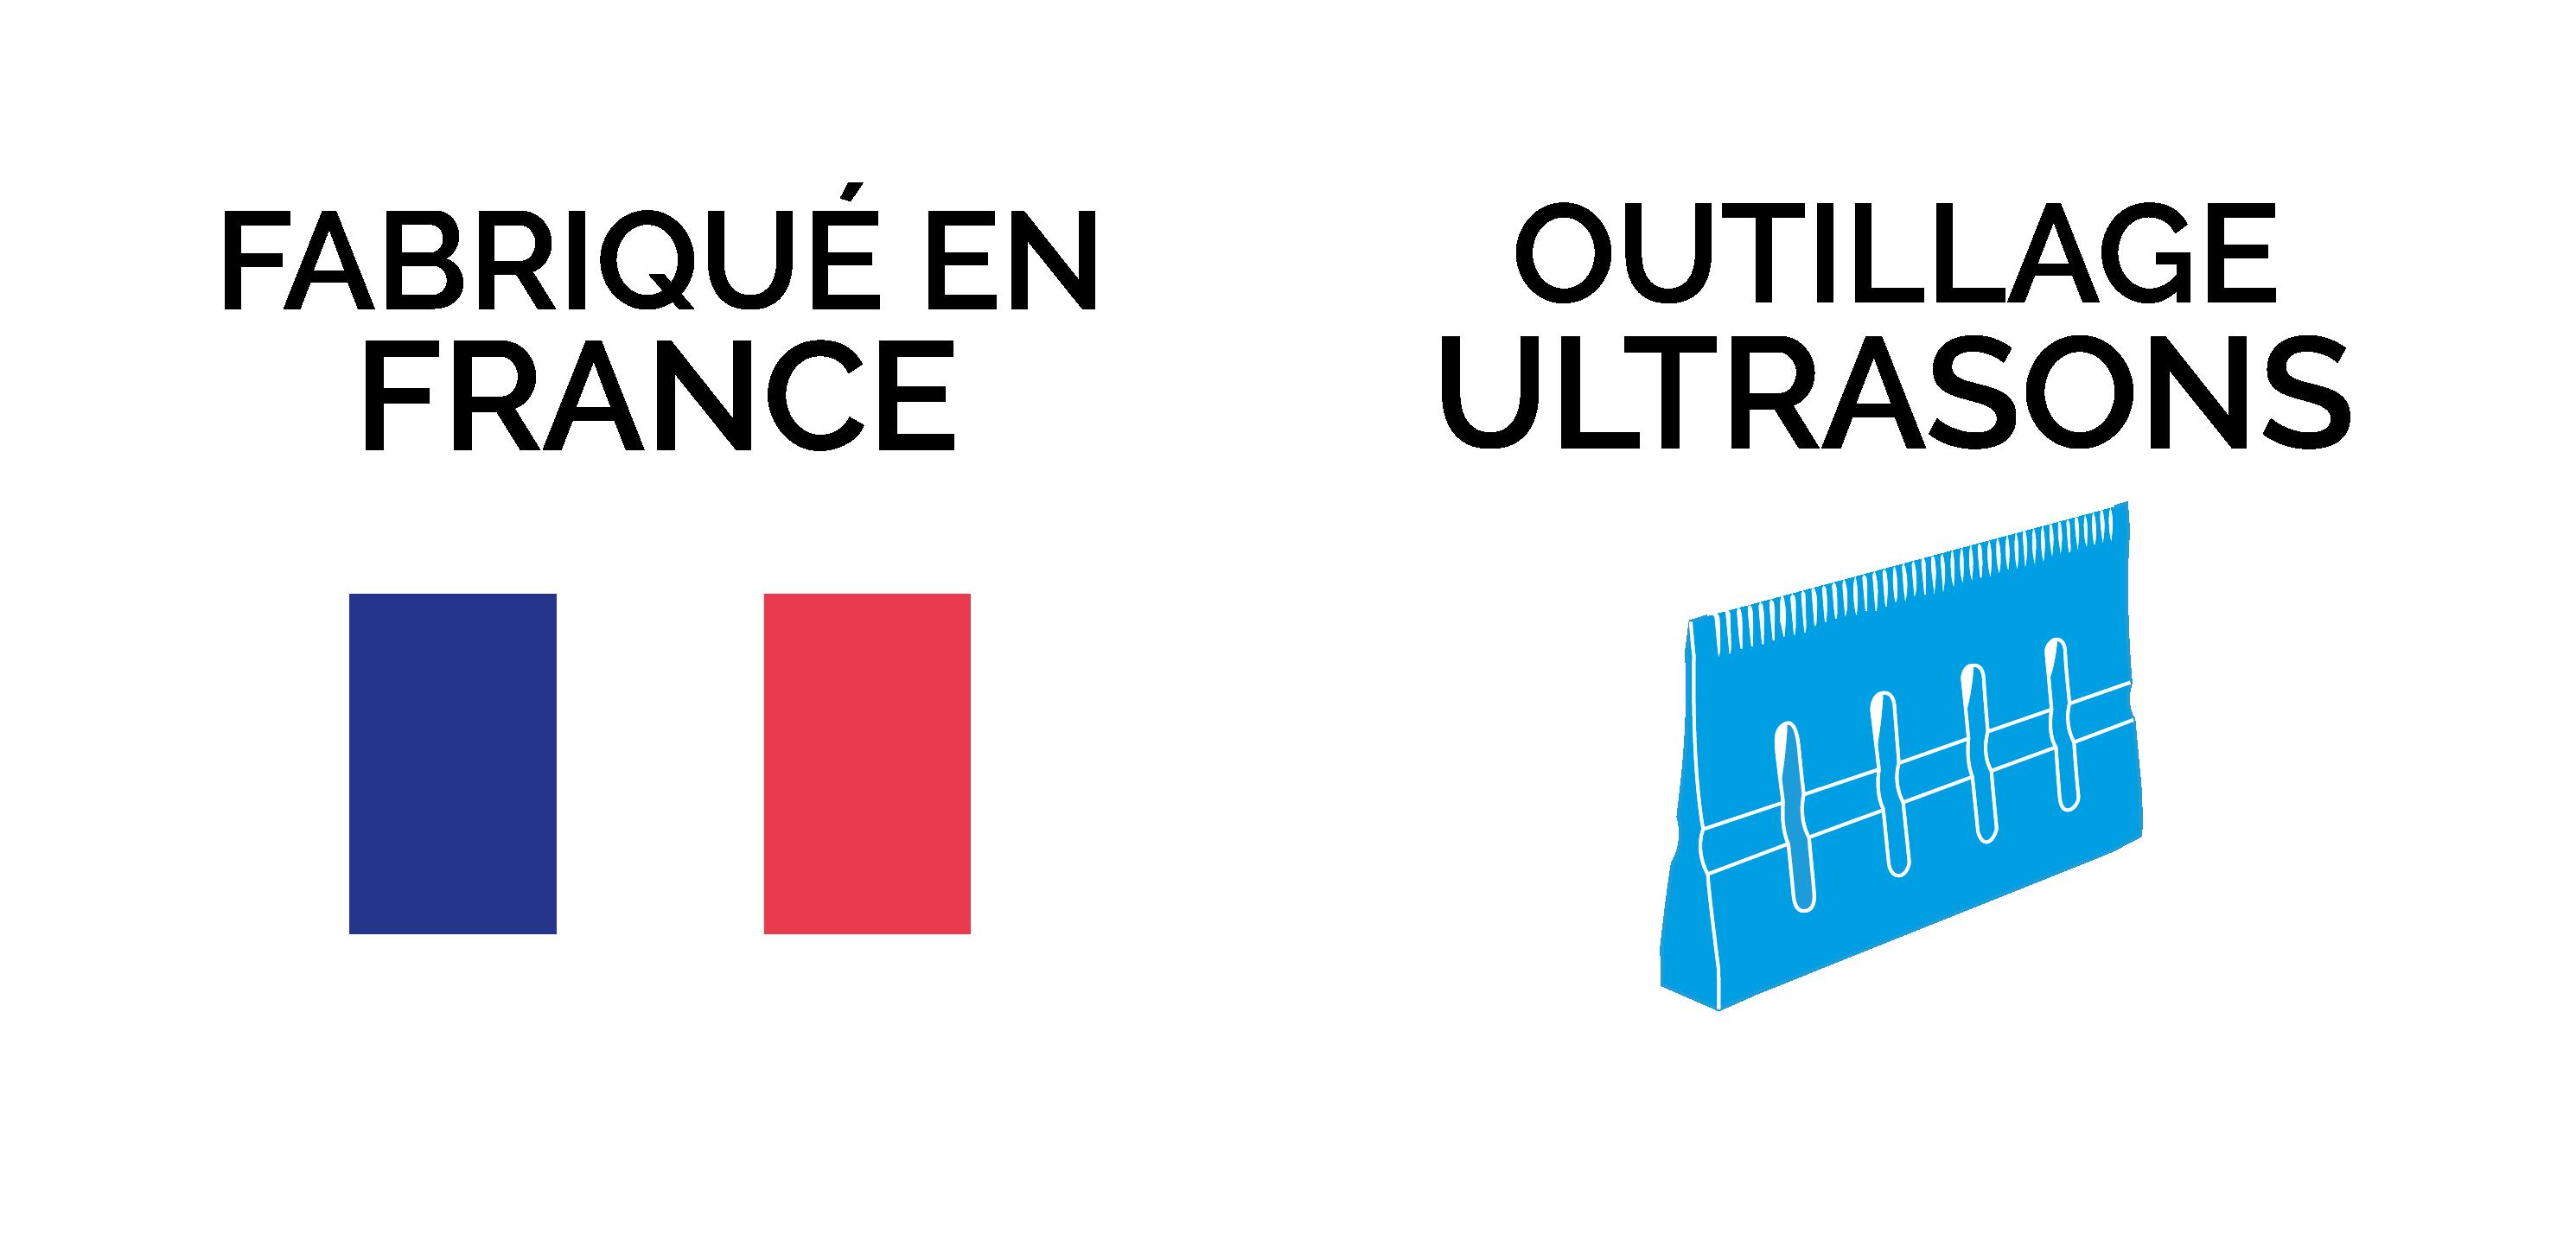 Fabriqué en France _ Outillage ultrasons